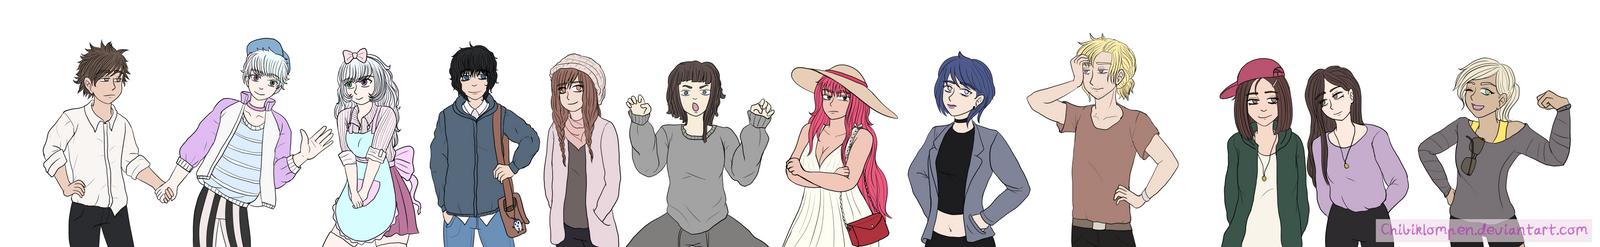 The harem gang by Chibiklompen